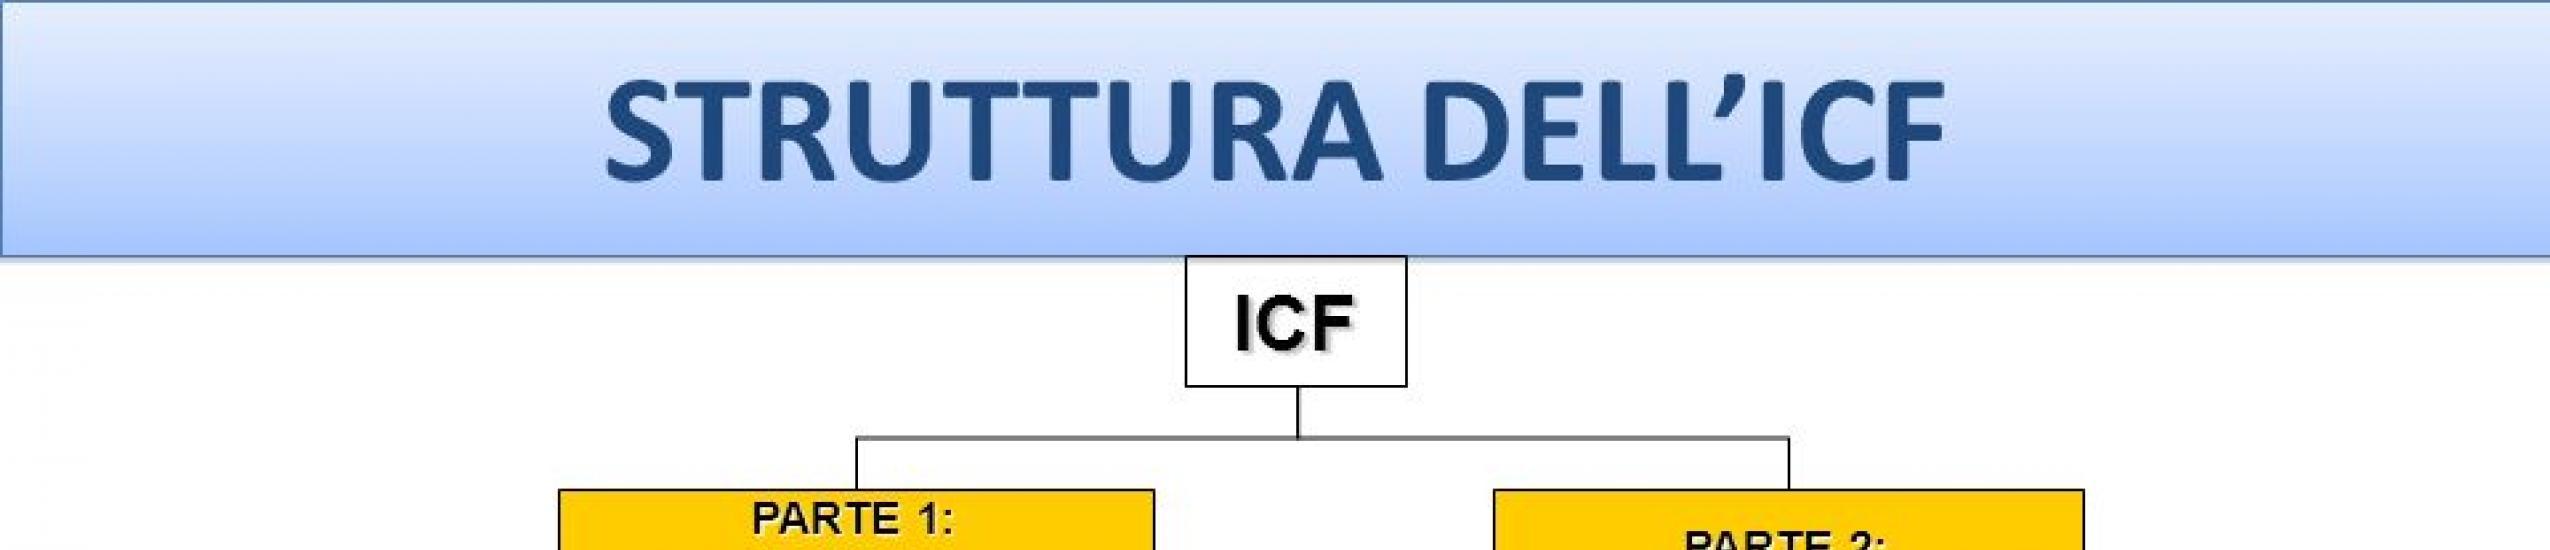 Il modello di analisi ICF